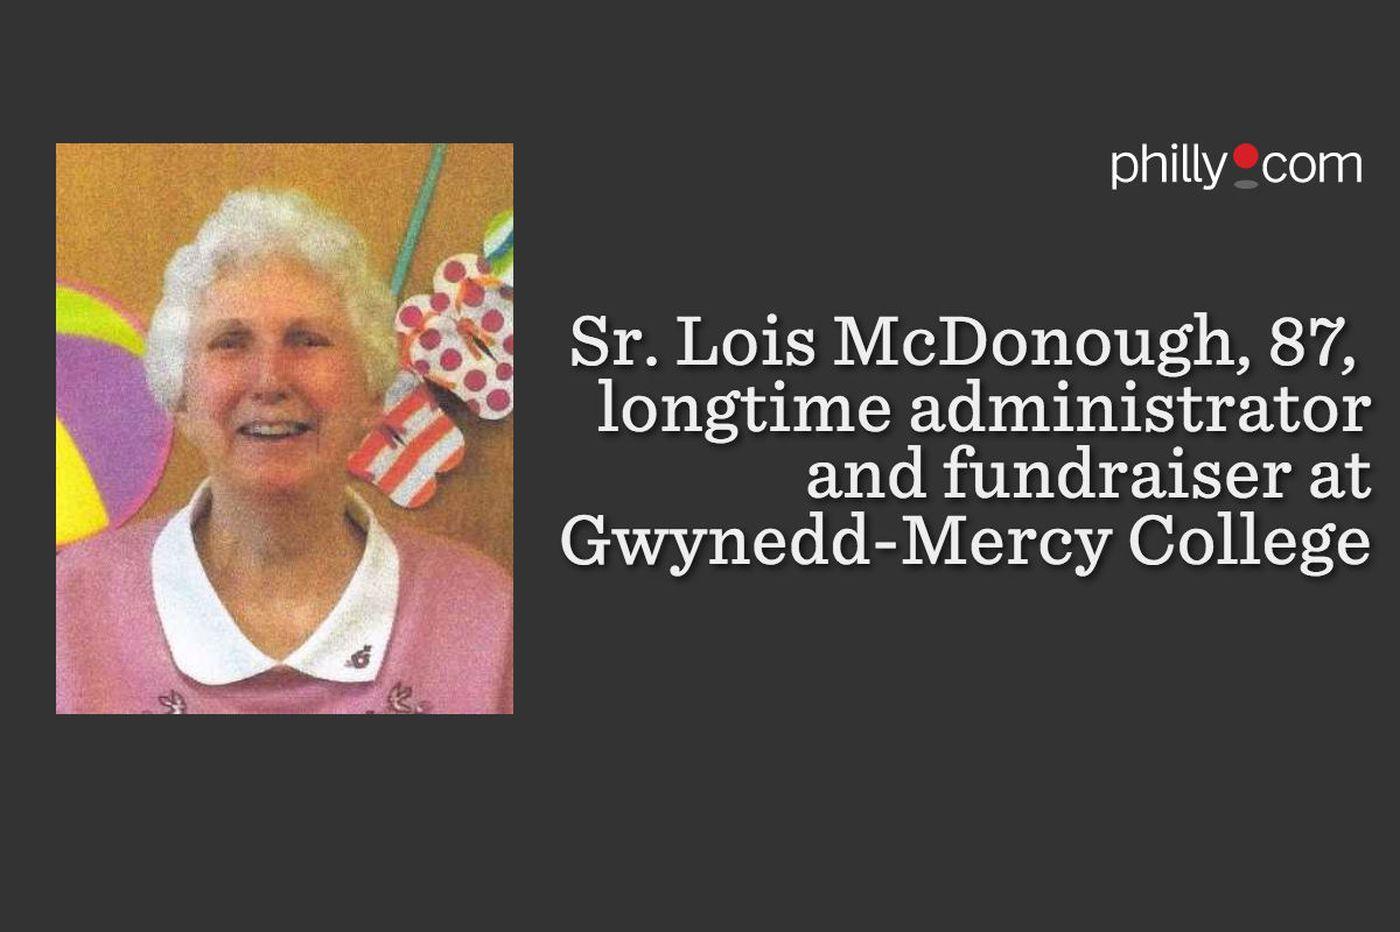 Sr. Lois McDonough, 87, administrator, fundraiser at Gwynedd Mercy College